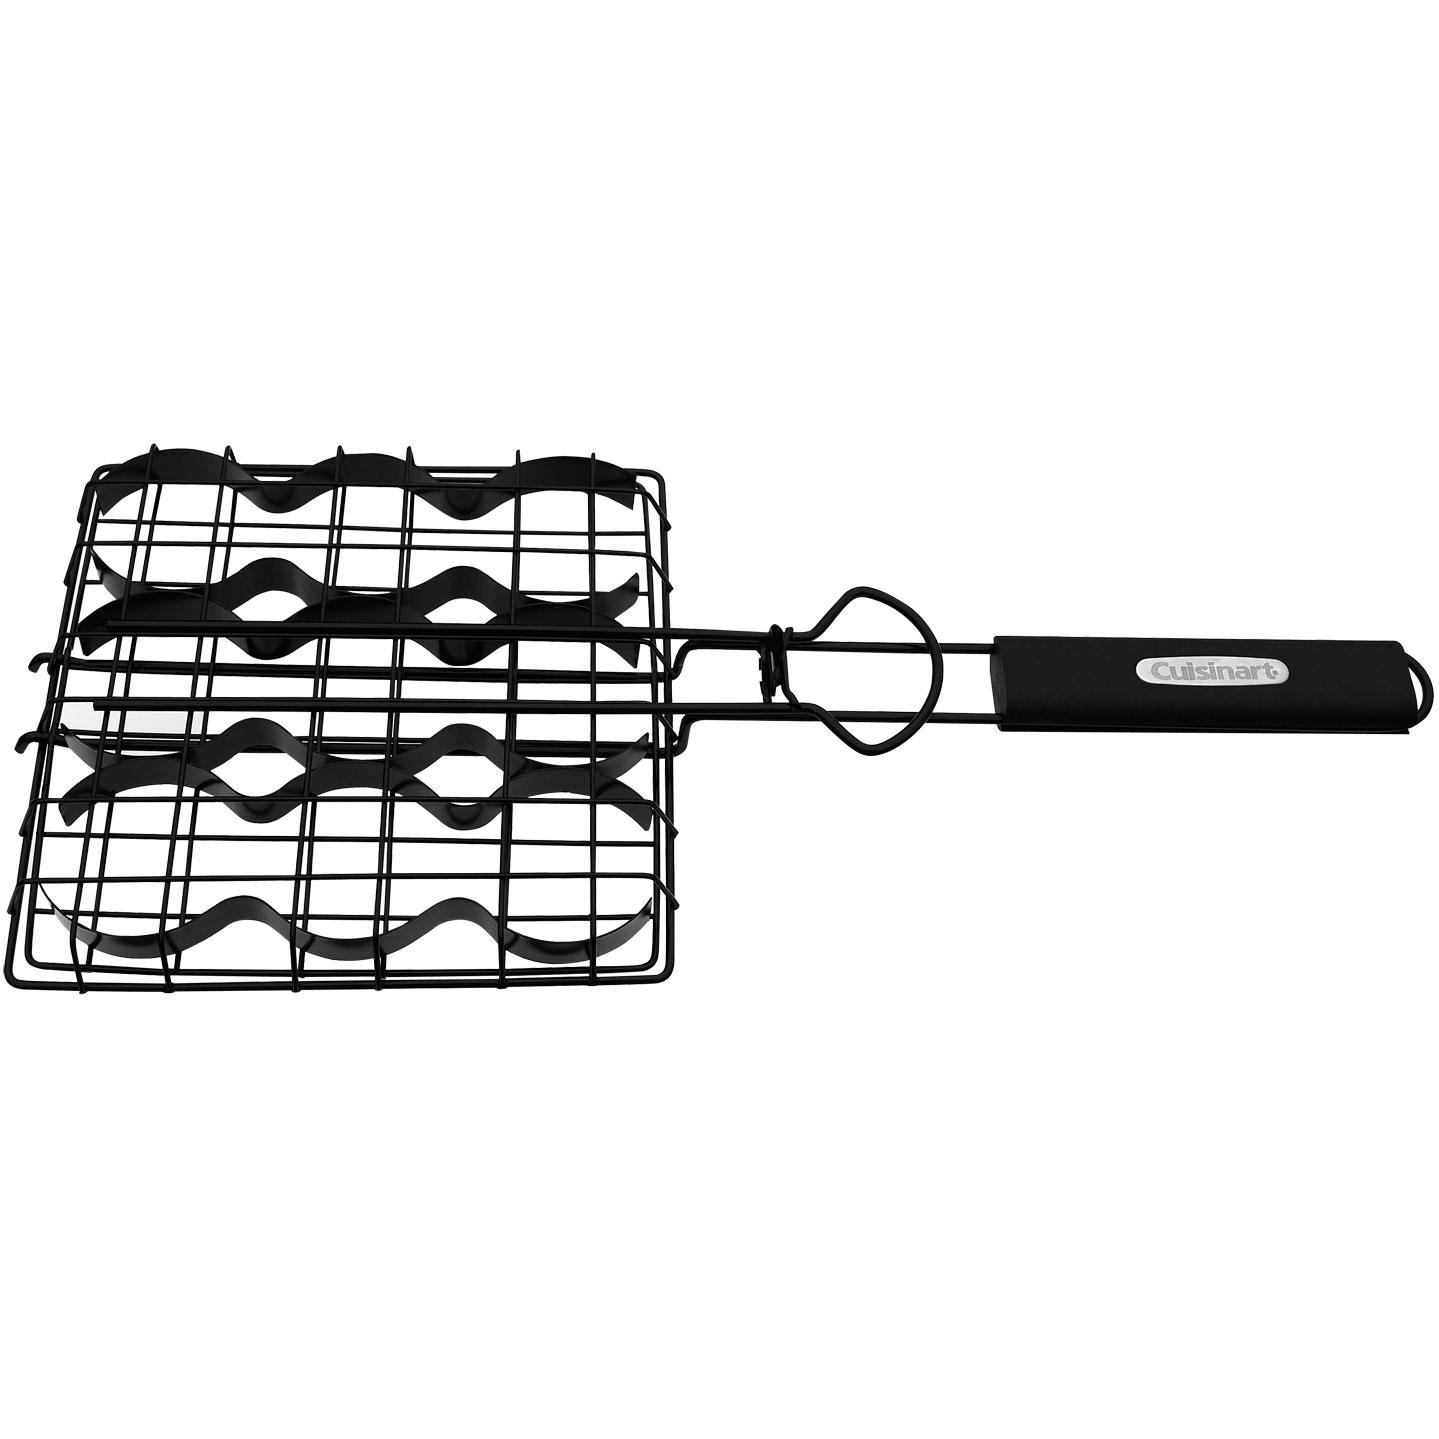 Cuisinart Non-Stick Slider BBQ Basket CNSB-438